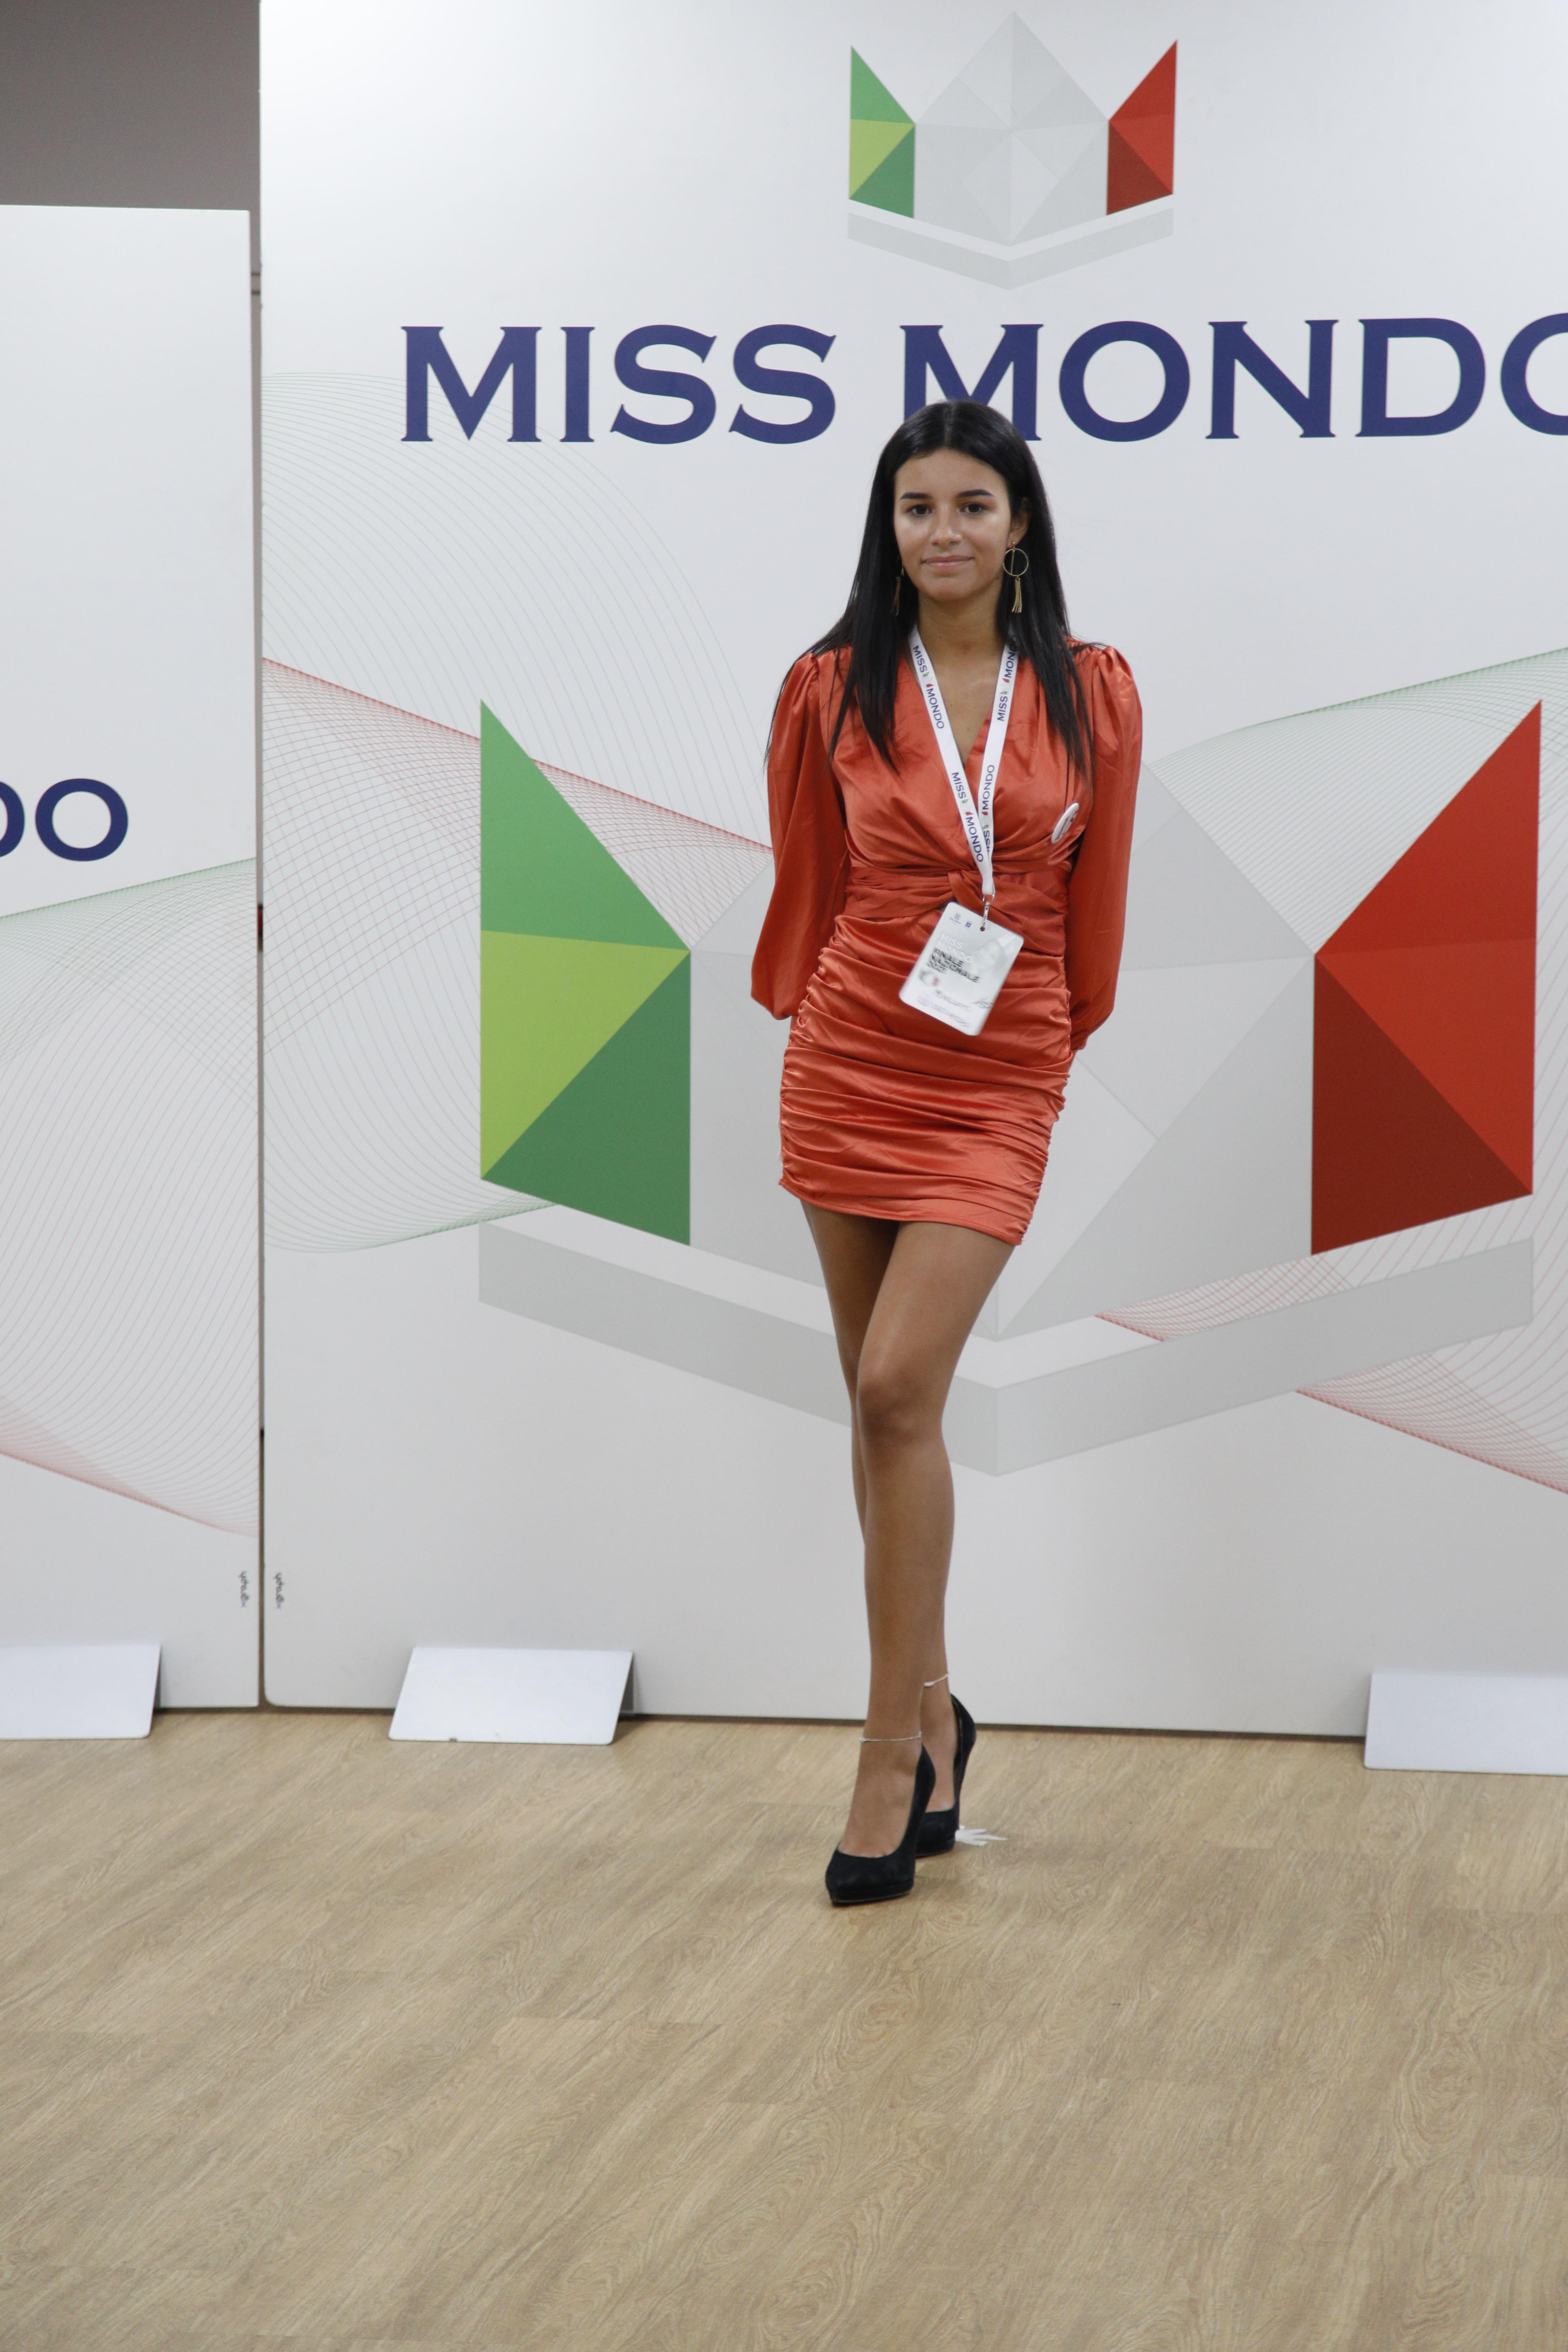 Primo passaggio giuria per le ragazze di Missmondo Italia 2021 - 3